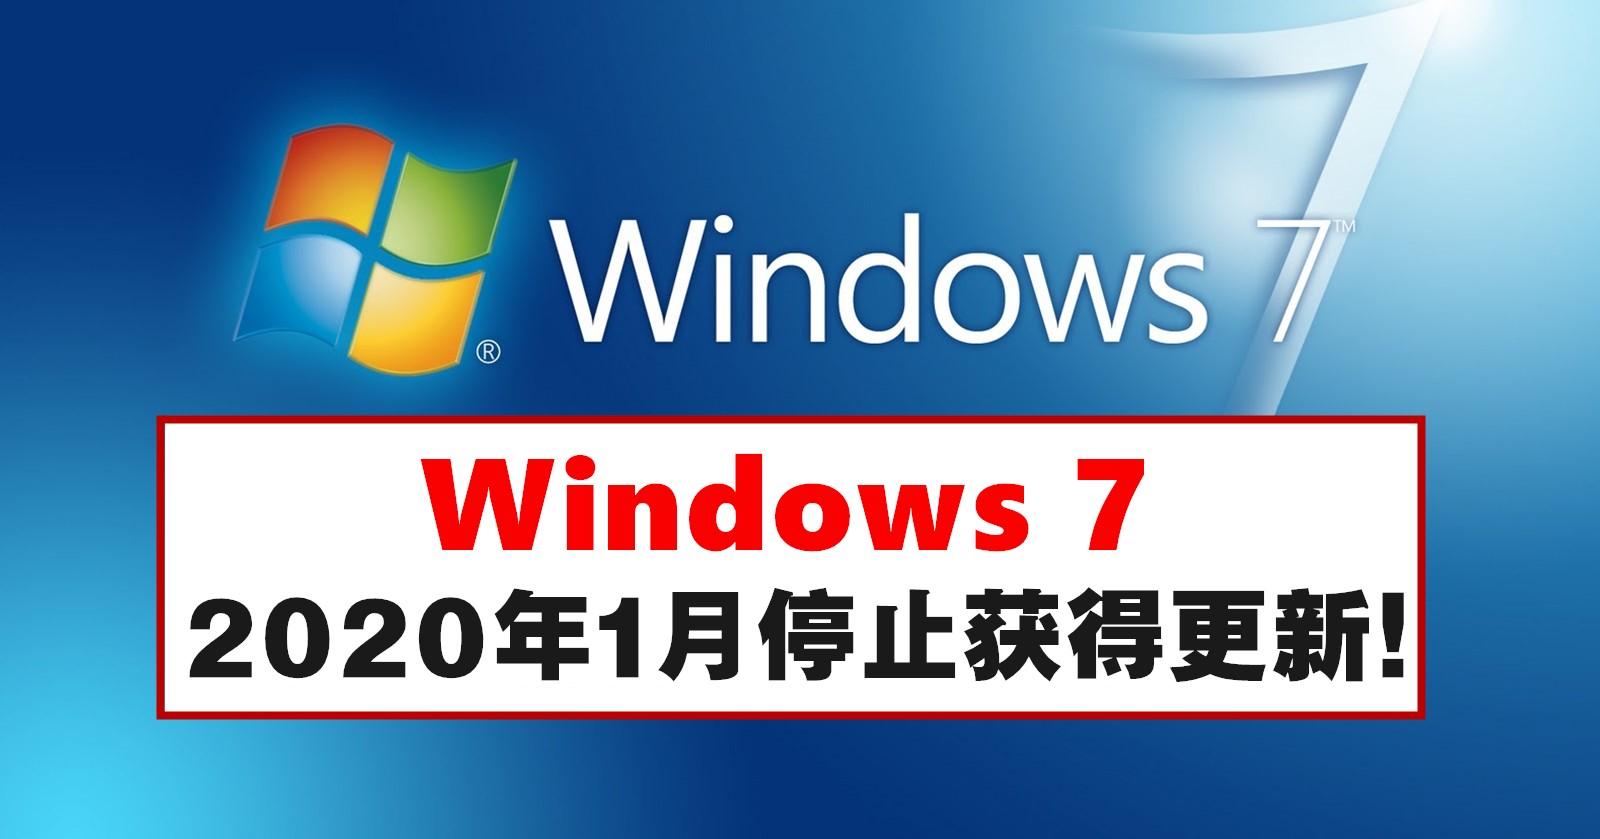 Windows 7将在2020年1月停止更新!